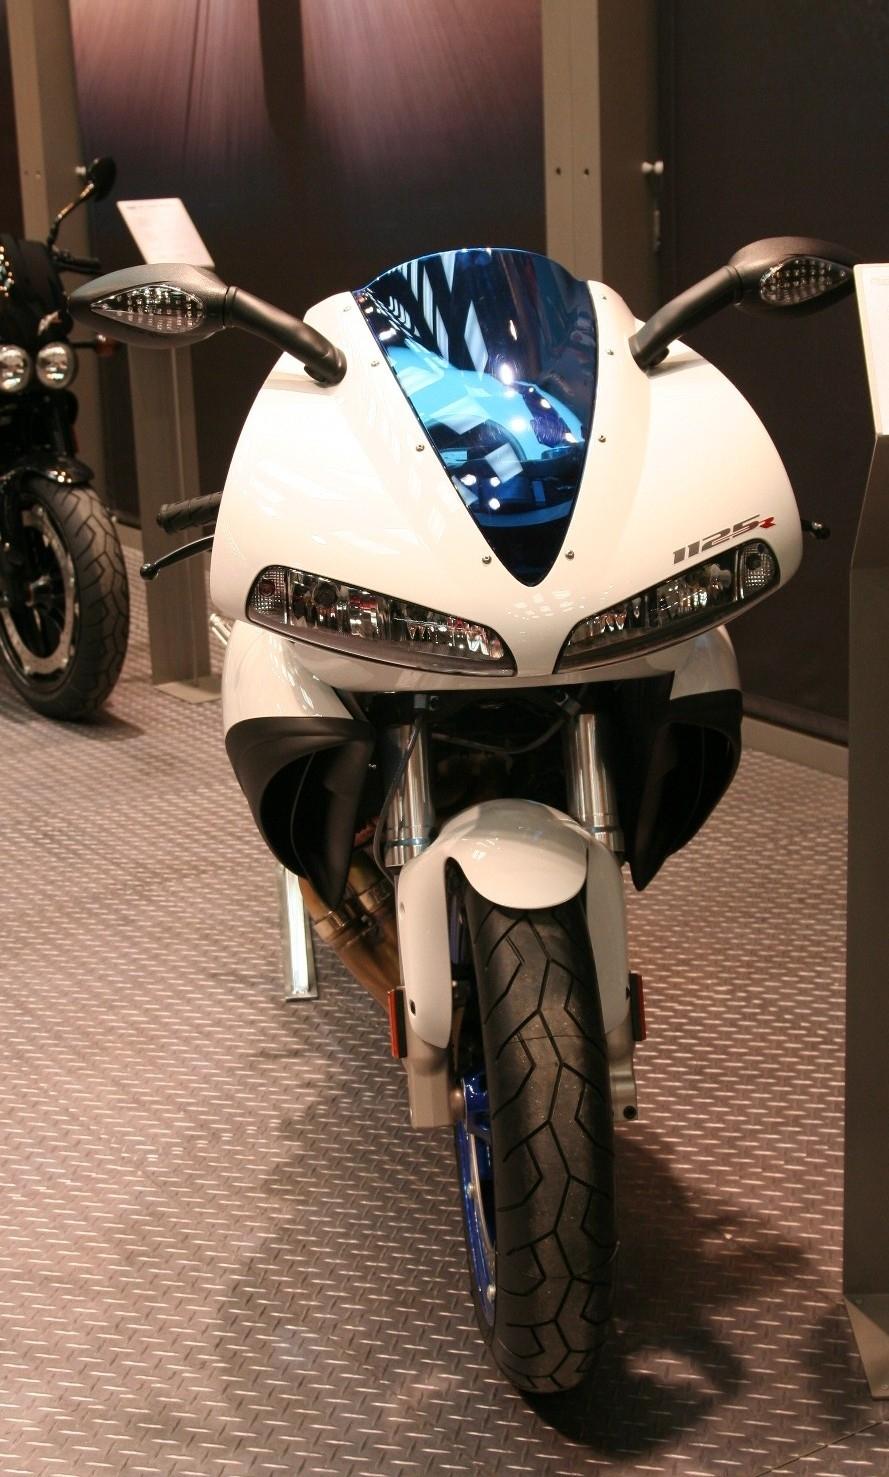 Salon de Milan 2008 en direct : Buell 1125CR et 1125R